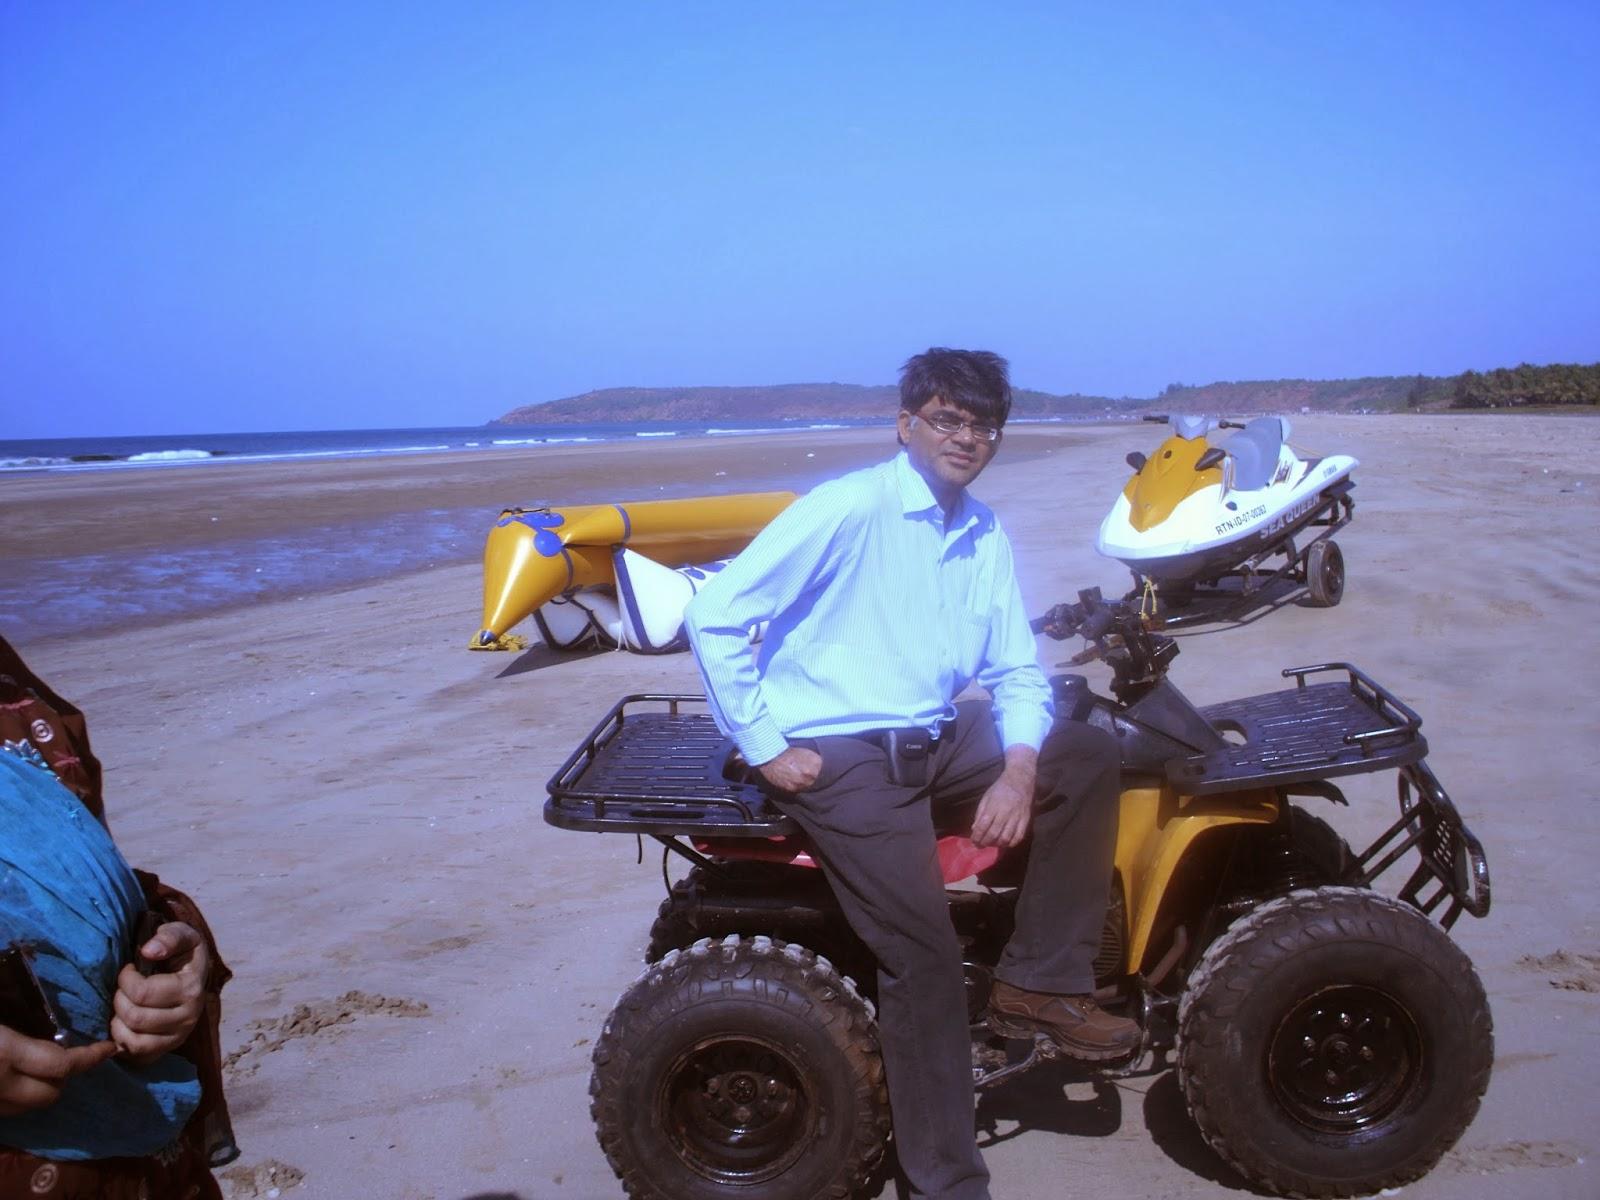 At Malgund Beach